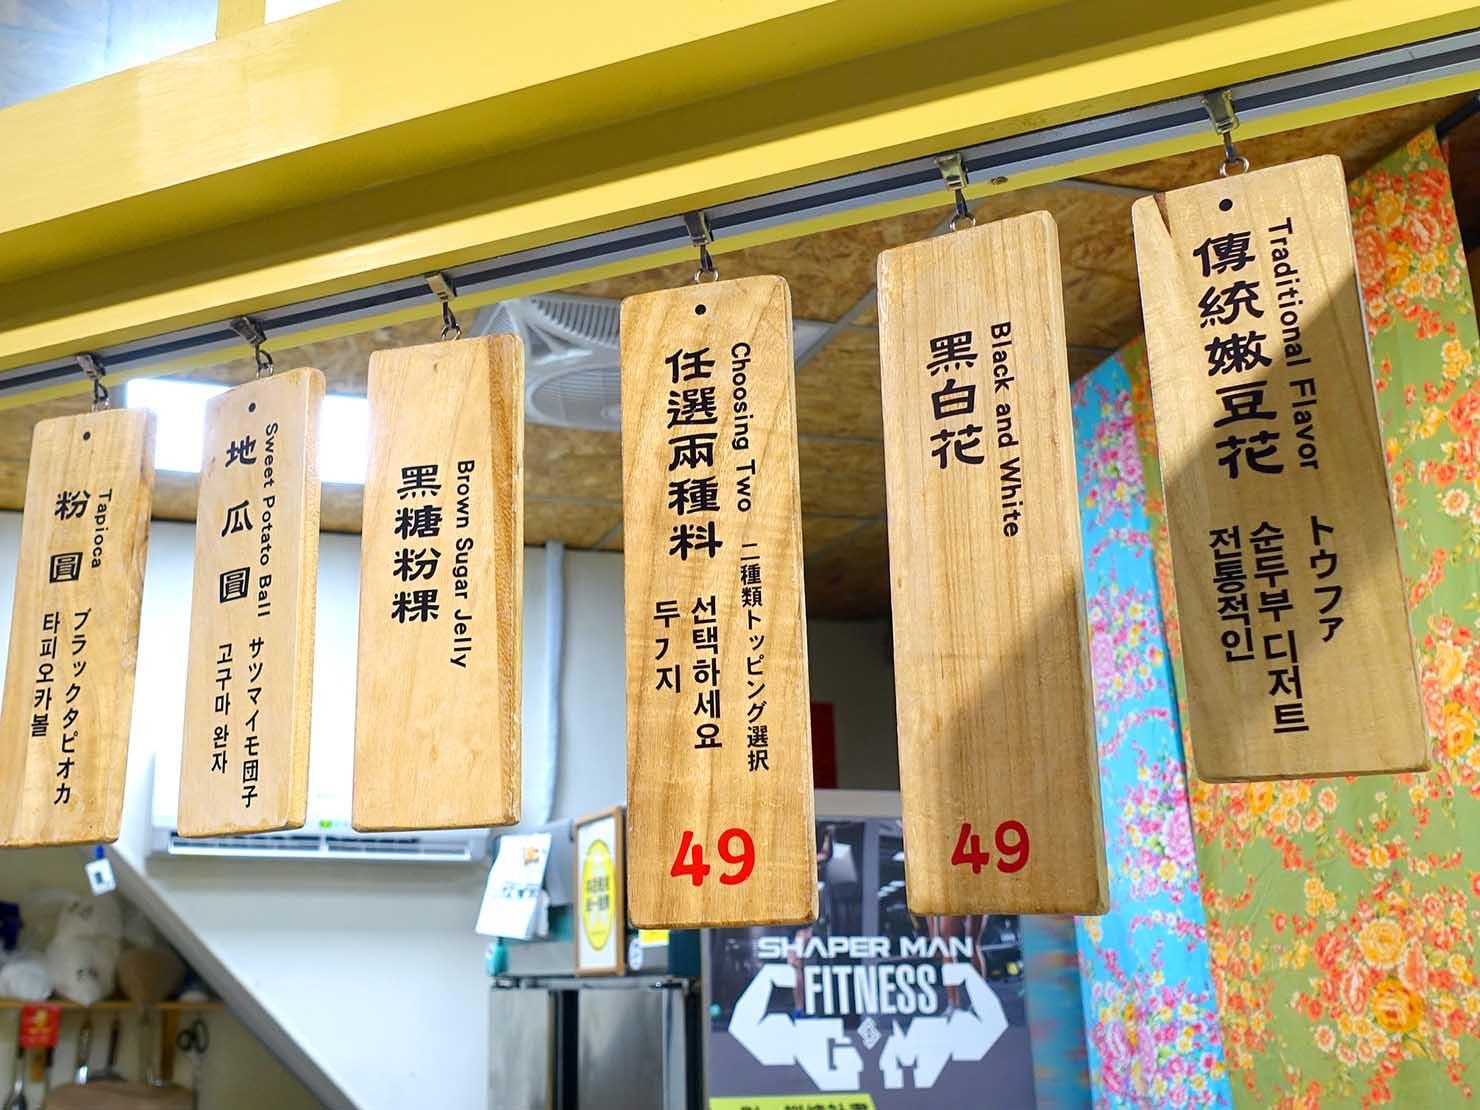 台北・西門町のおすすめデザート店「本願豆花店」のメニュー